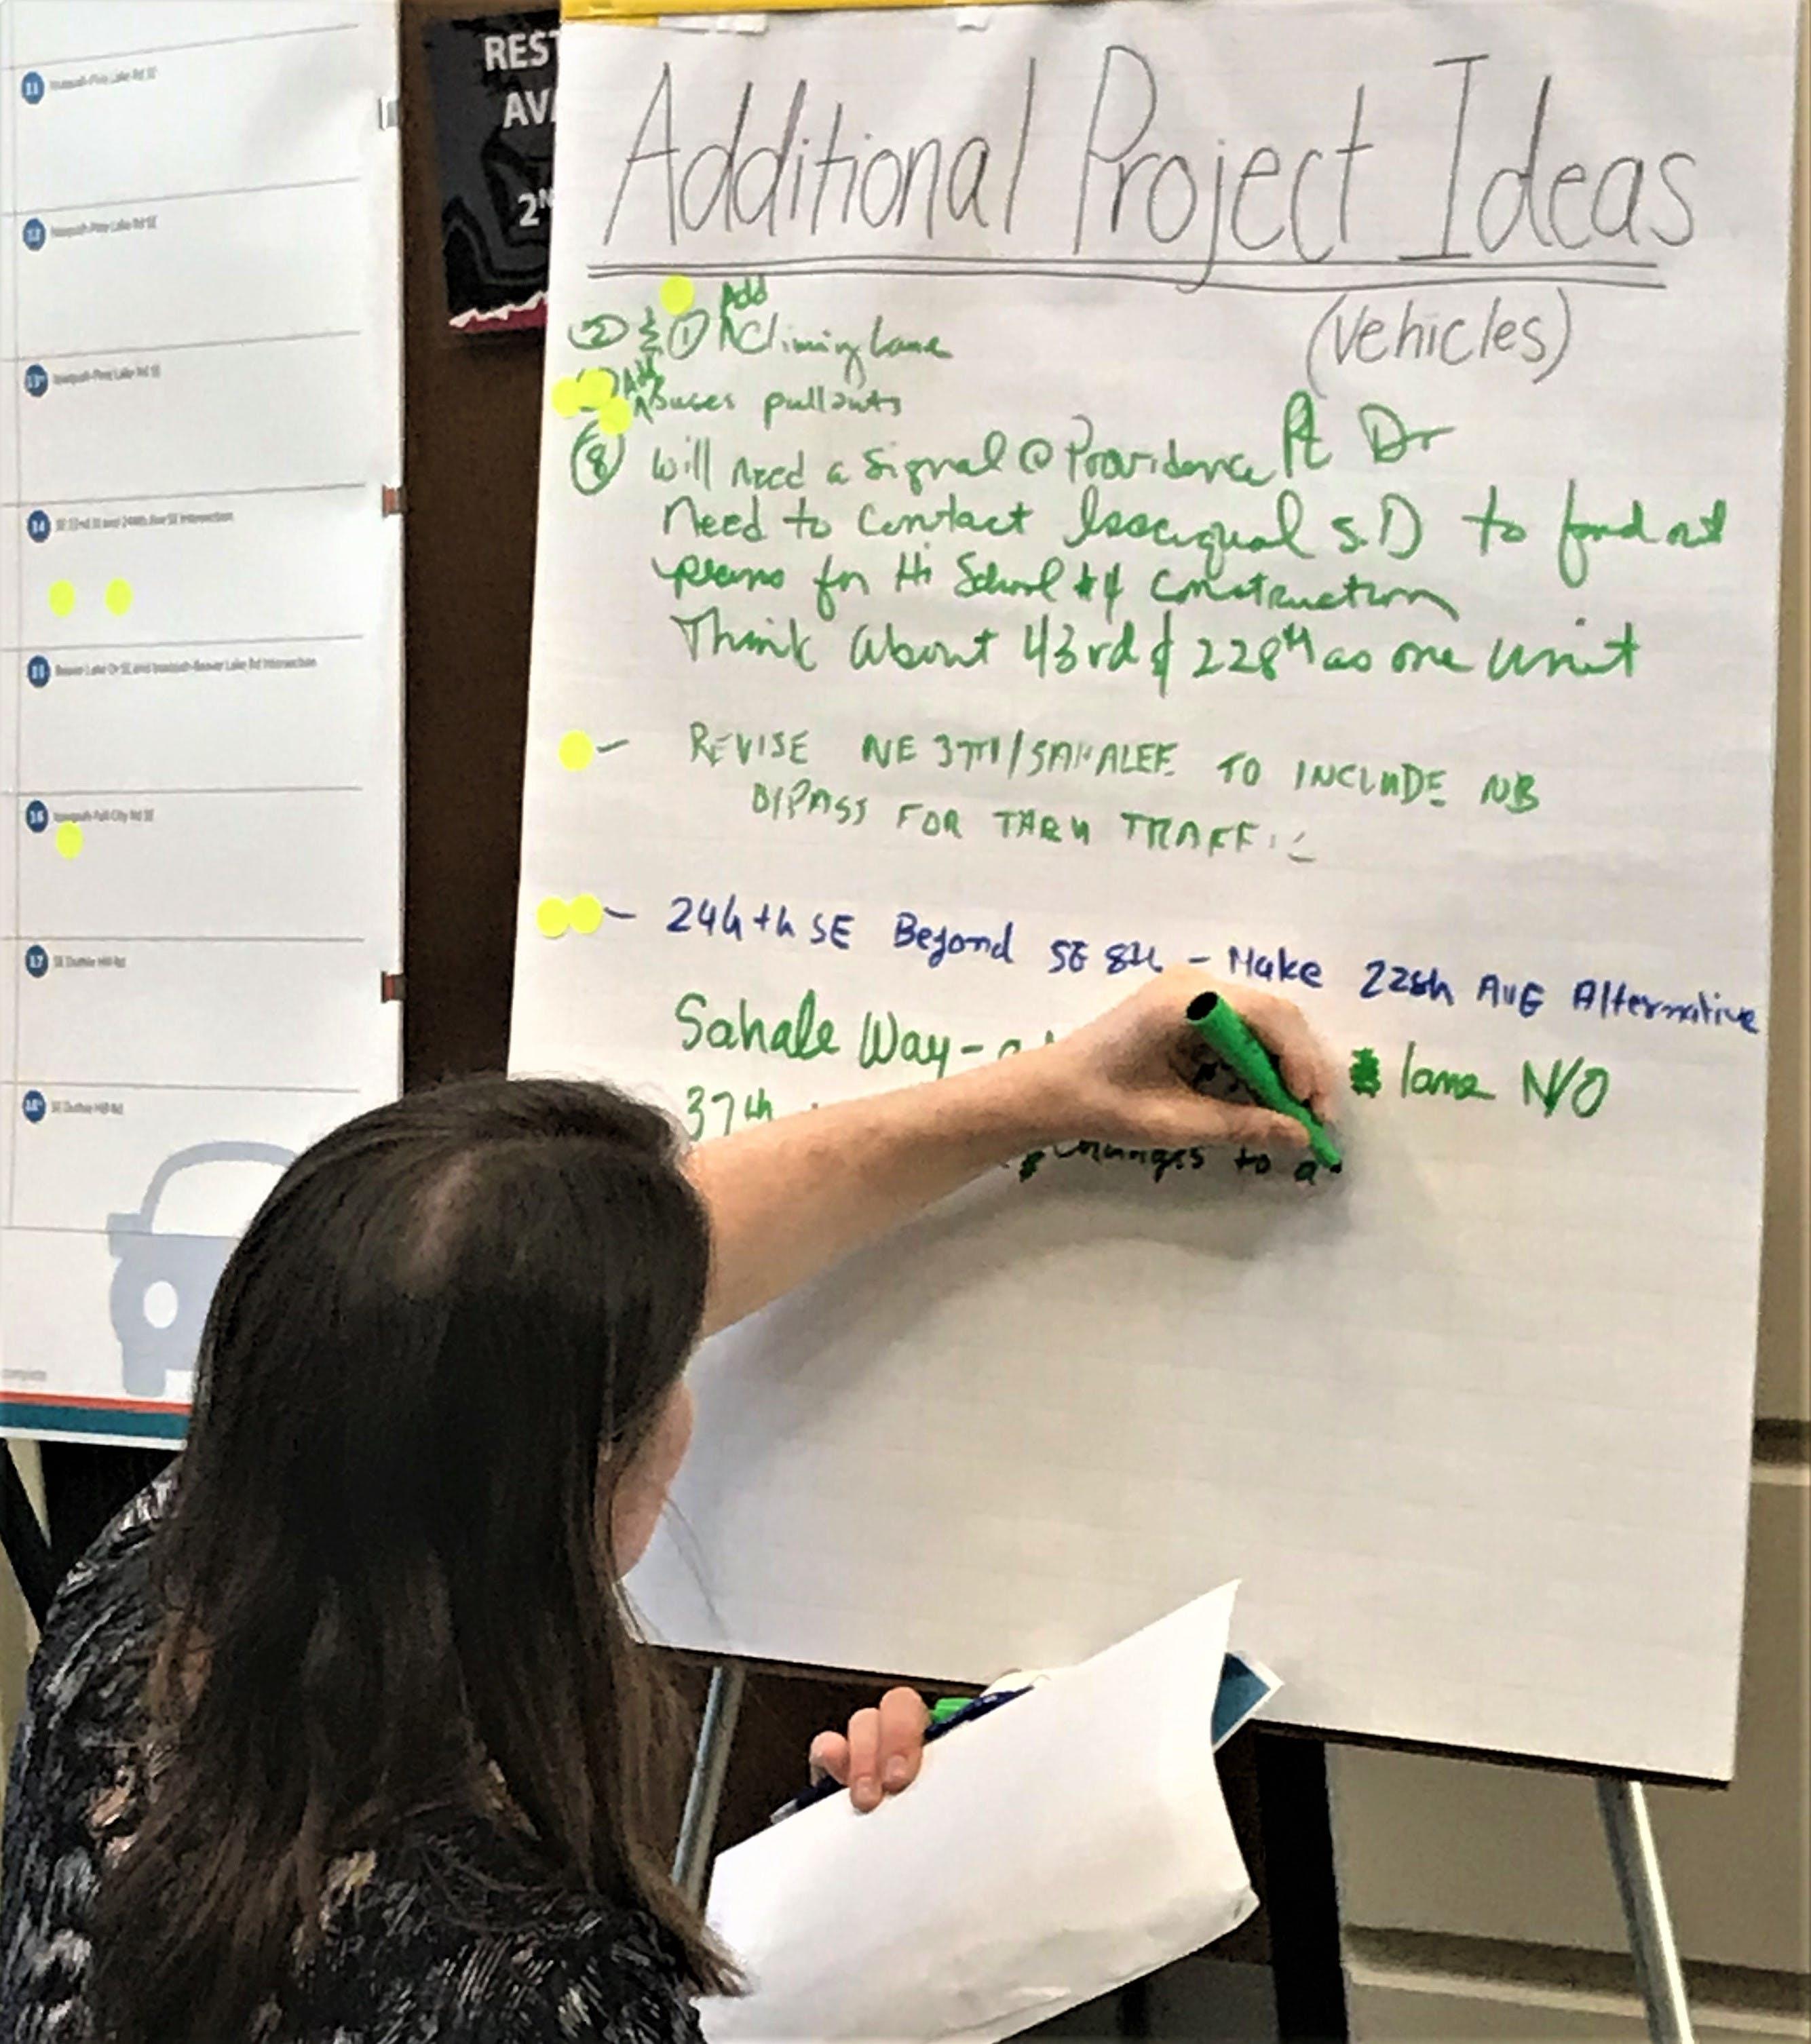 Workshop board additional ideas.